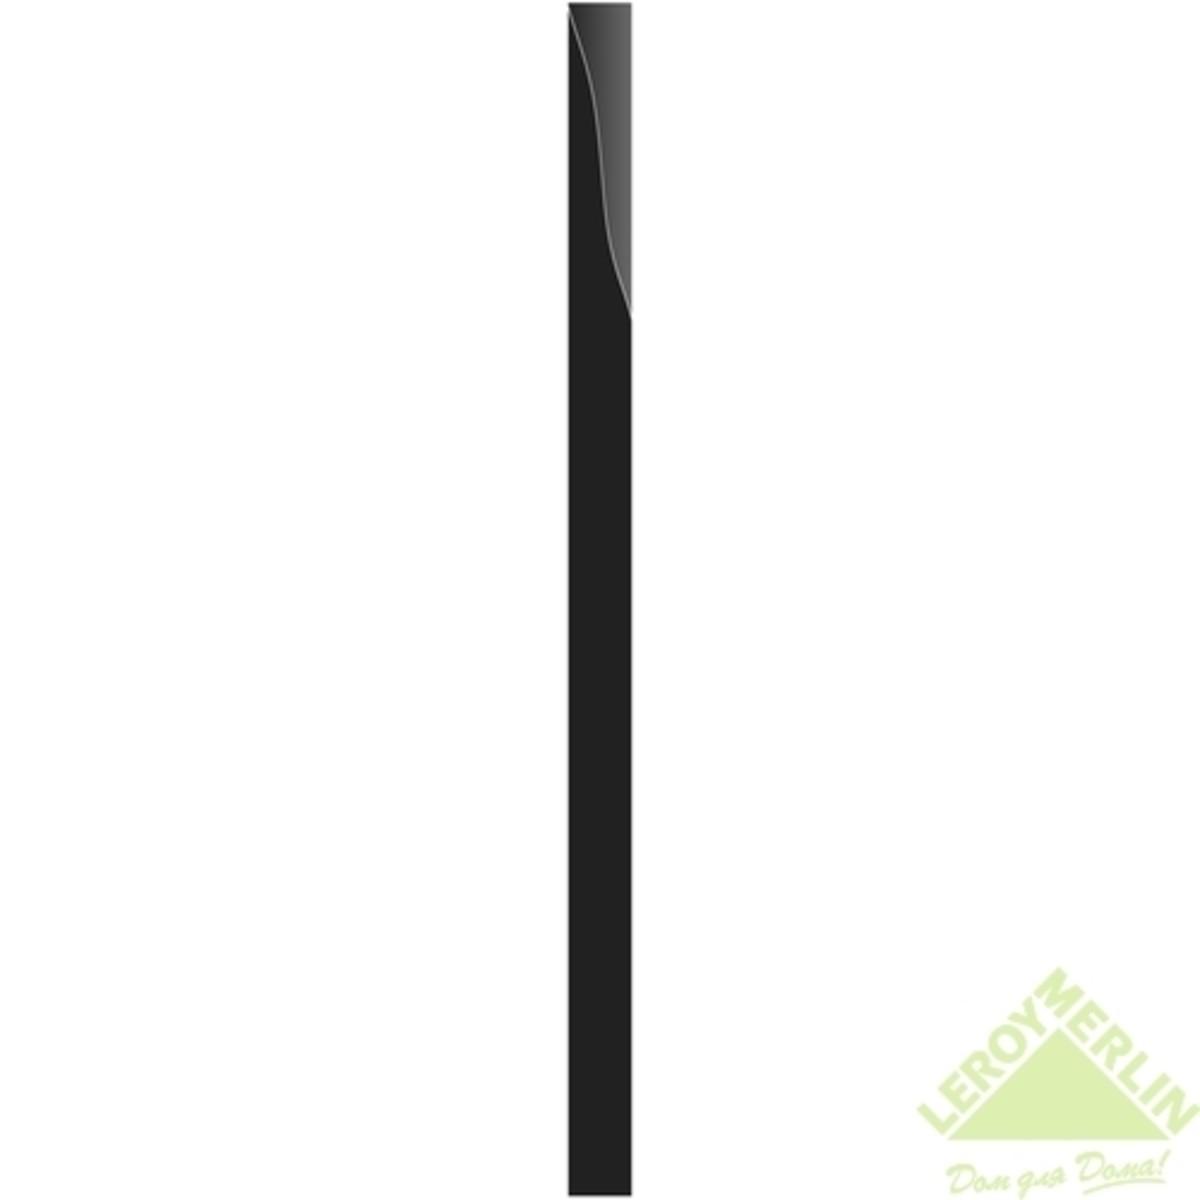 Столб стальной для секций серии Viola и Cetus профиль 4x4 см